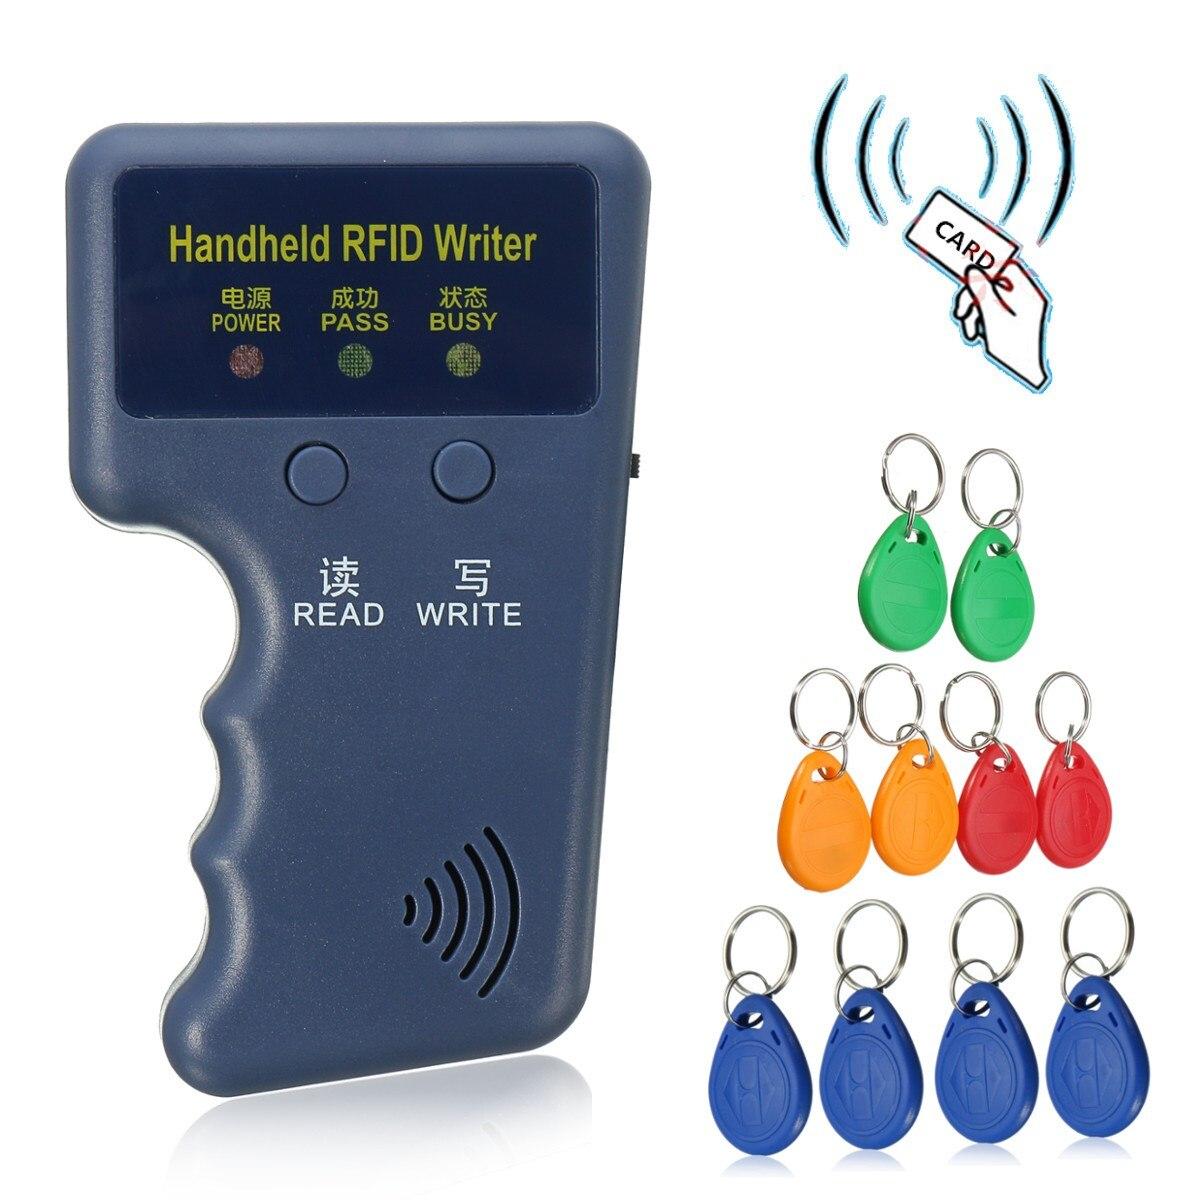 Handheld 125 KHz EM4100 RFID Copiadora Escritor Leitor Programador + 10 Pcs EM4305 T5577 Duplicador Regravável Cartão Keyfobs ID Tags